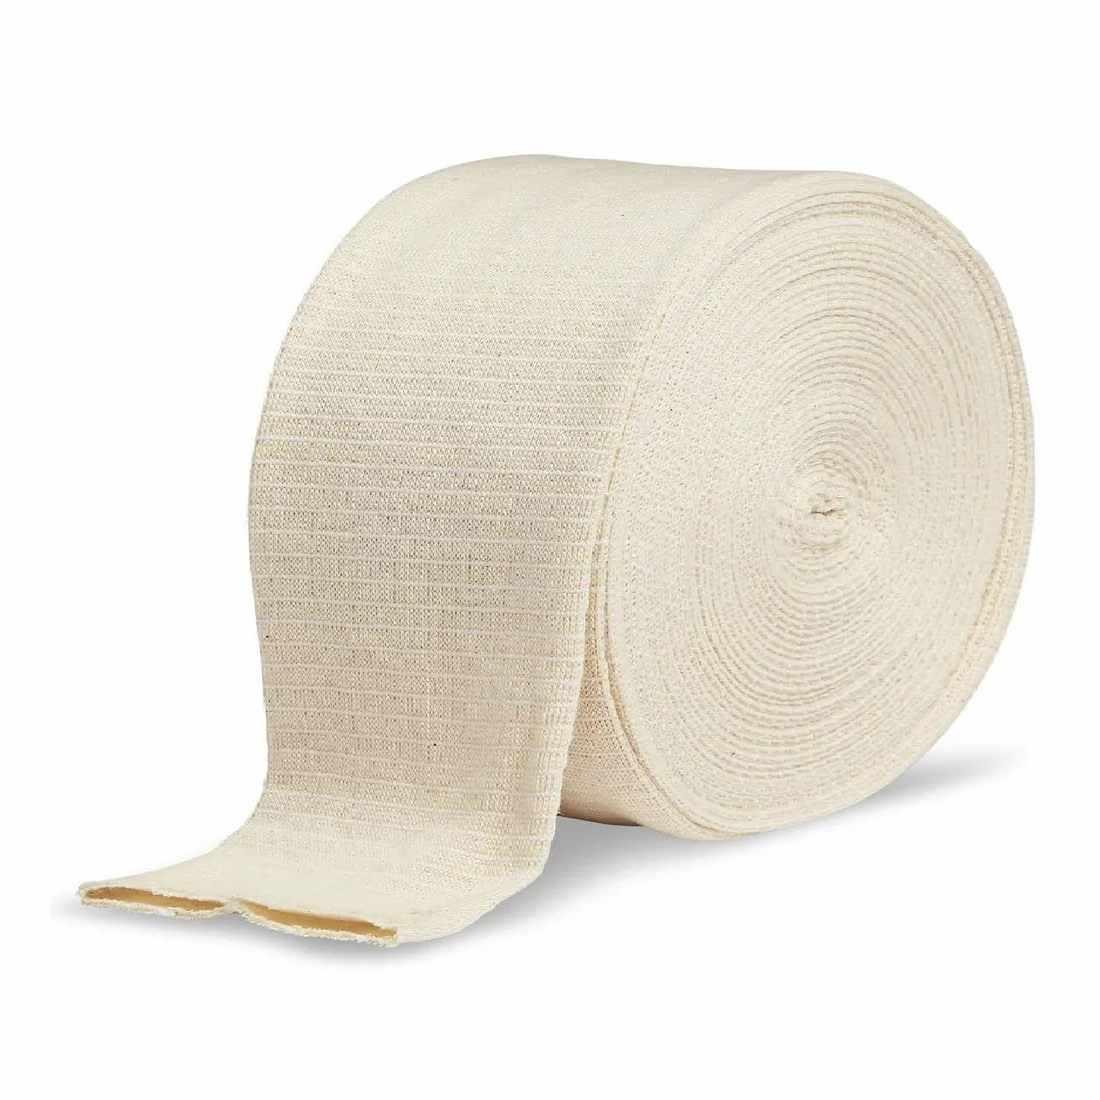 Dermafit Tubular Support Compression Bandage, Size E